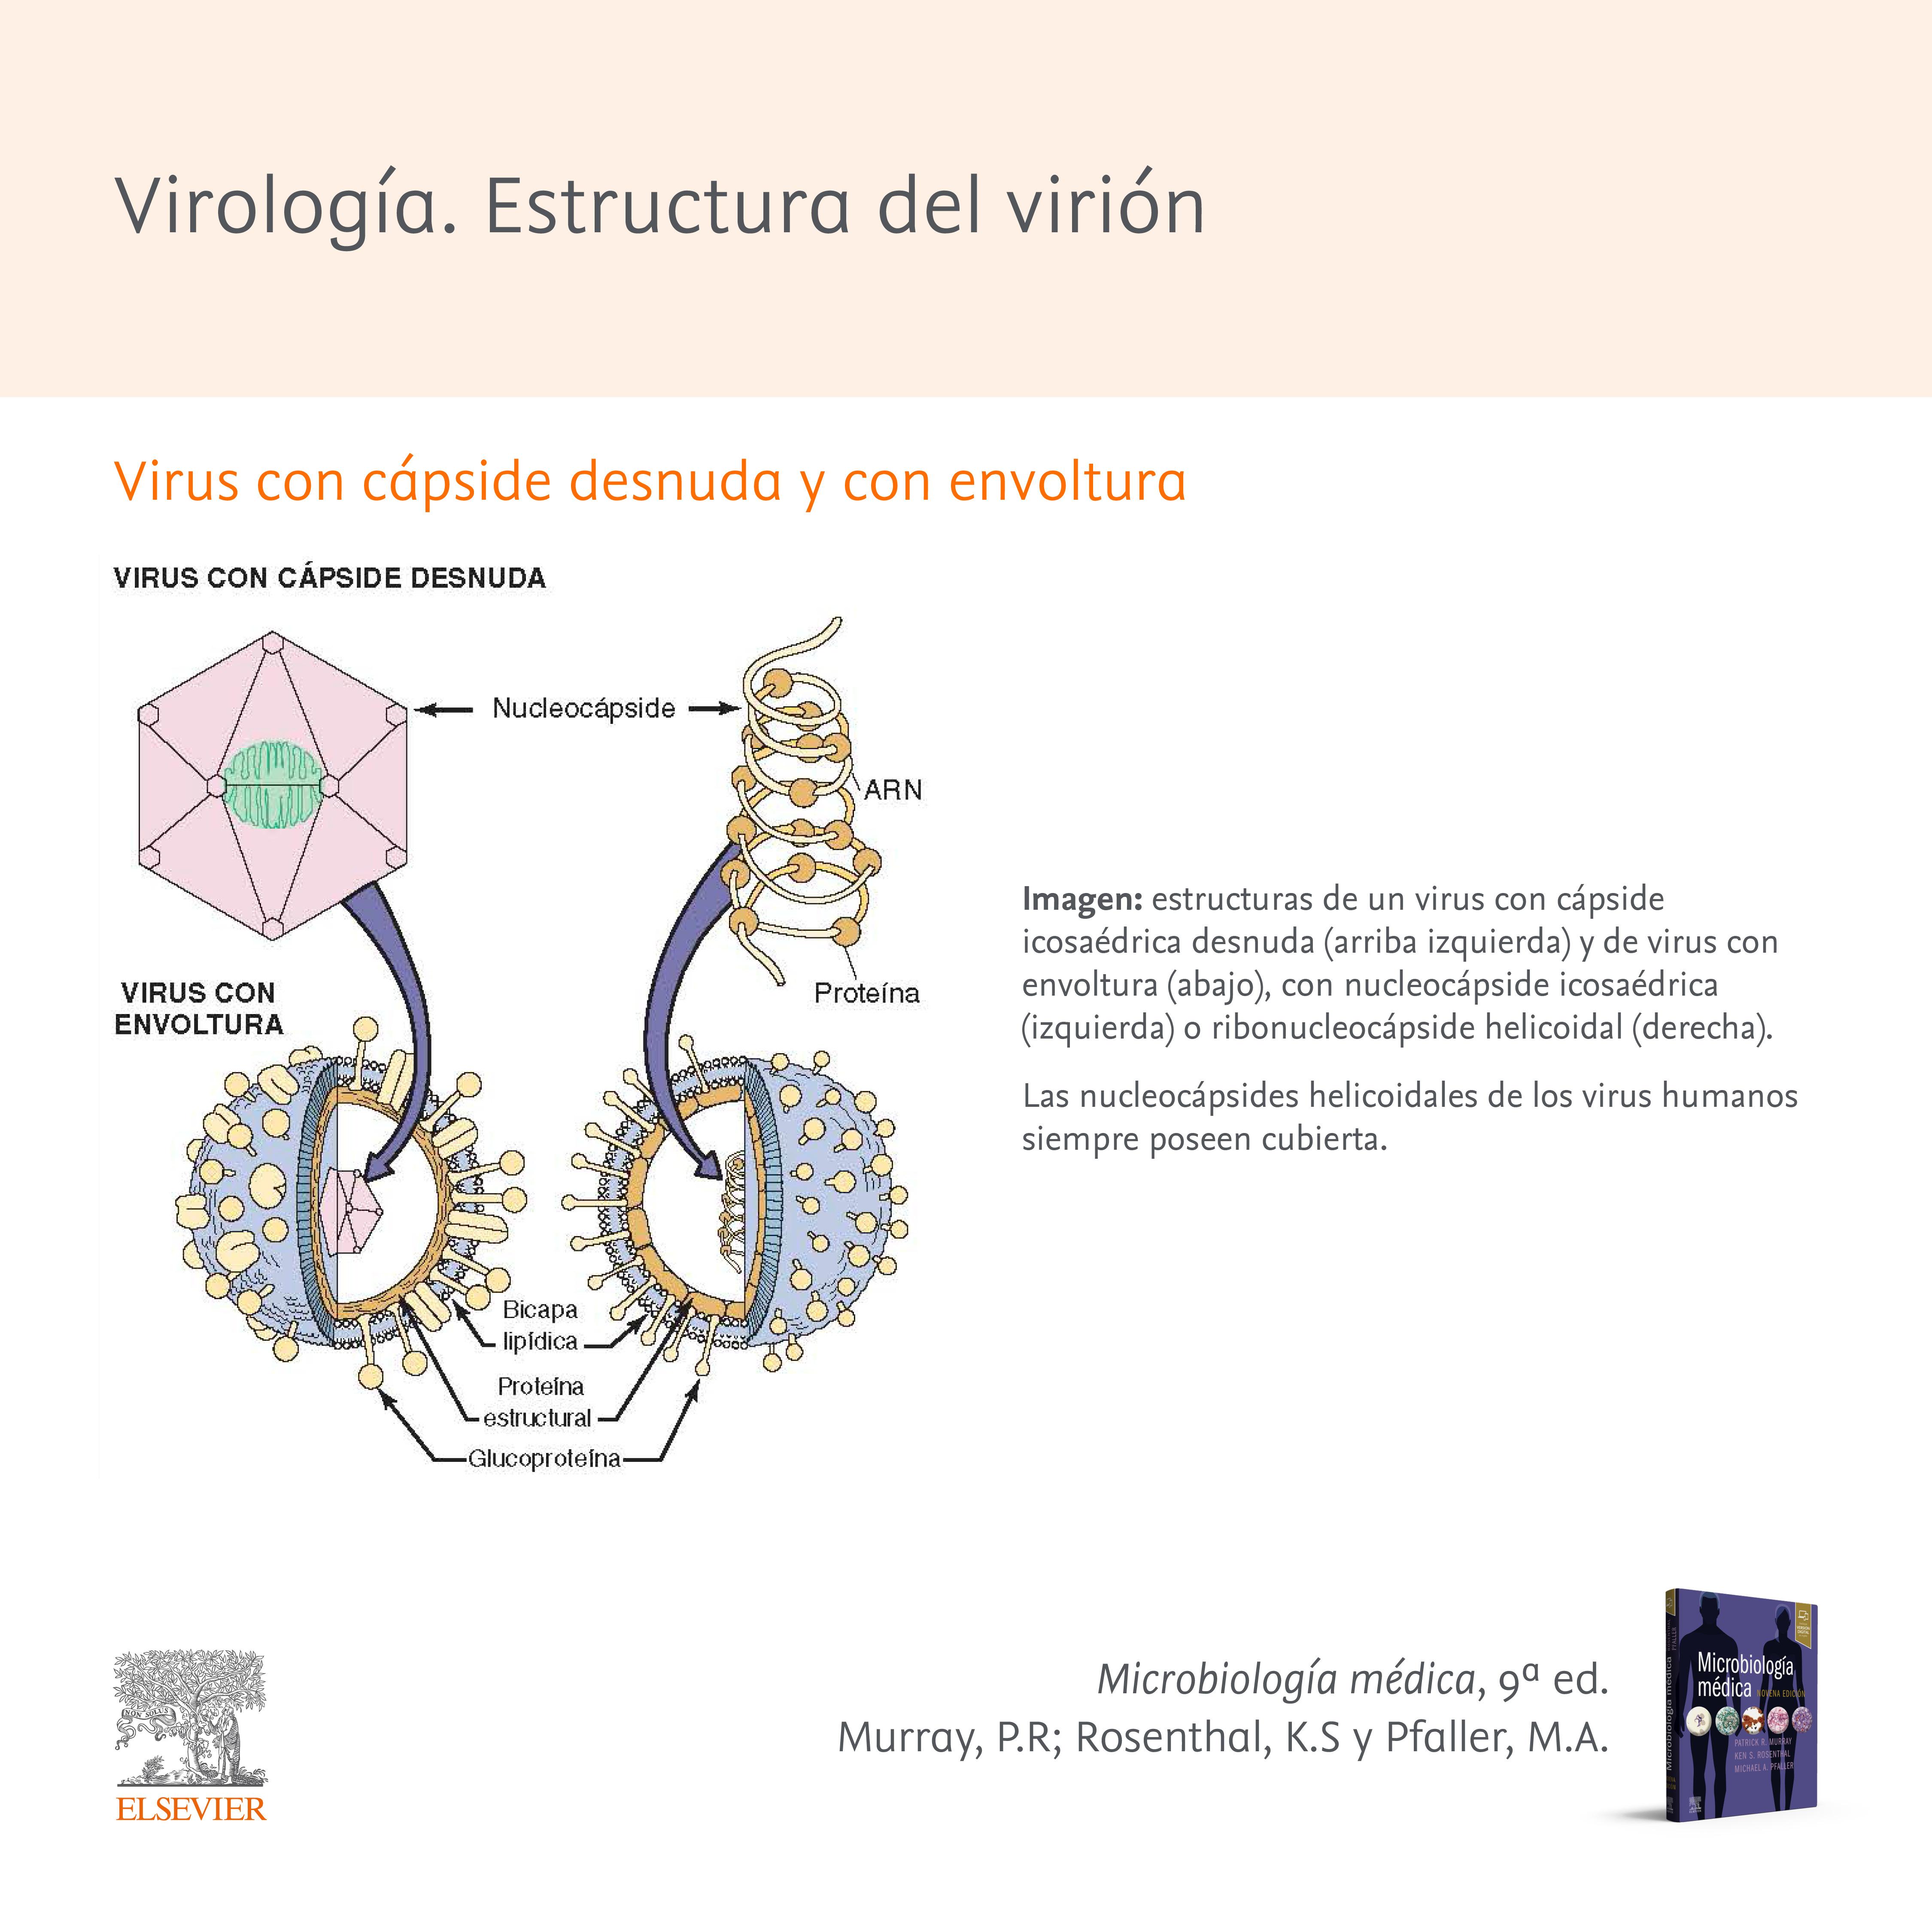 Virología. Estructura del virión, la partícula vírica